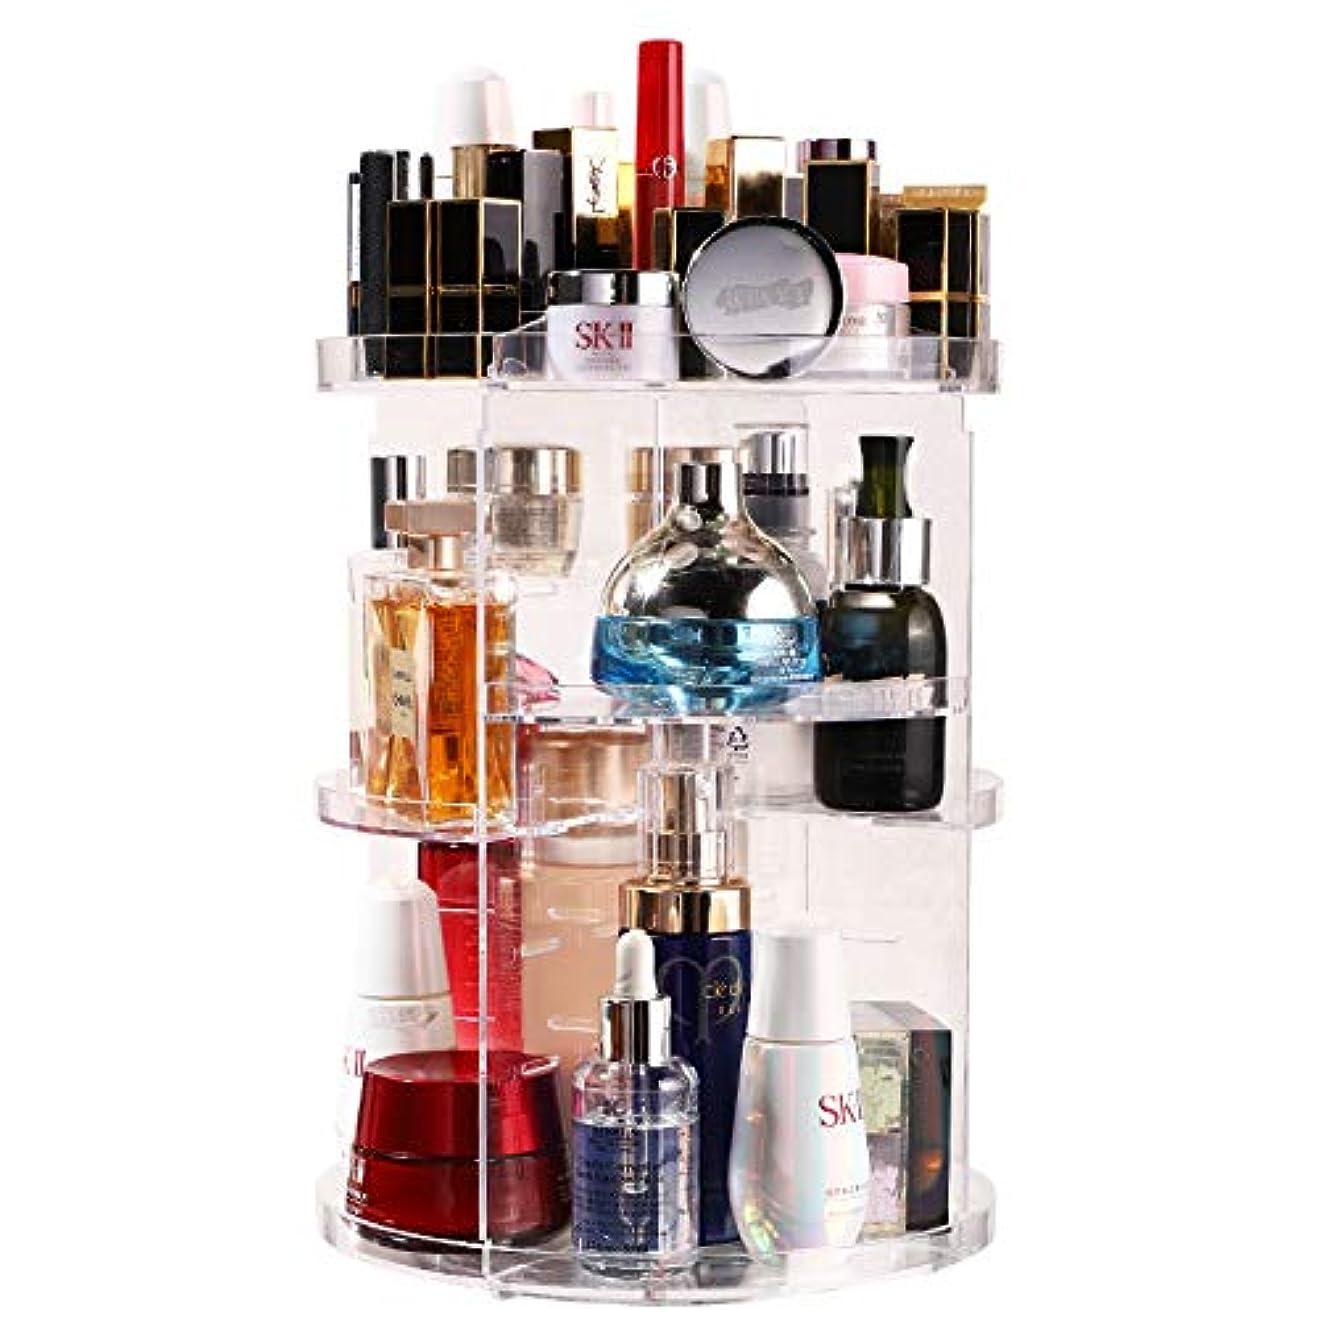 しっかり宿題ベリメイクボックス コスメボックス 化粧品 収納ケース 大容量 化粧ボックス 使いやすい プロ用 たくさん入る メイク道具